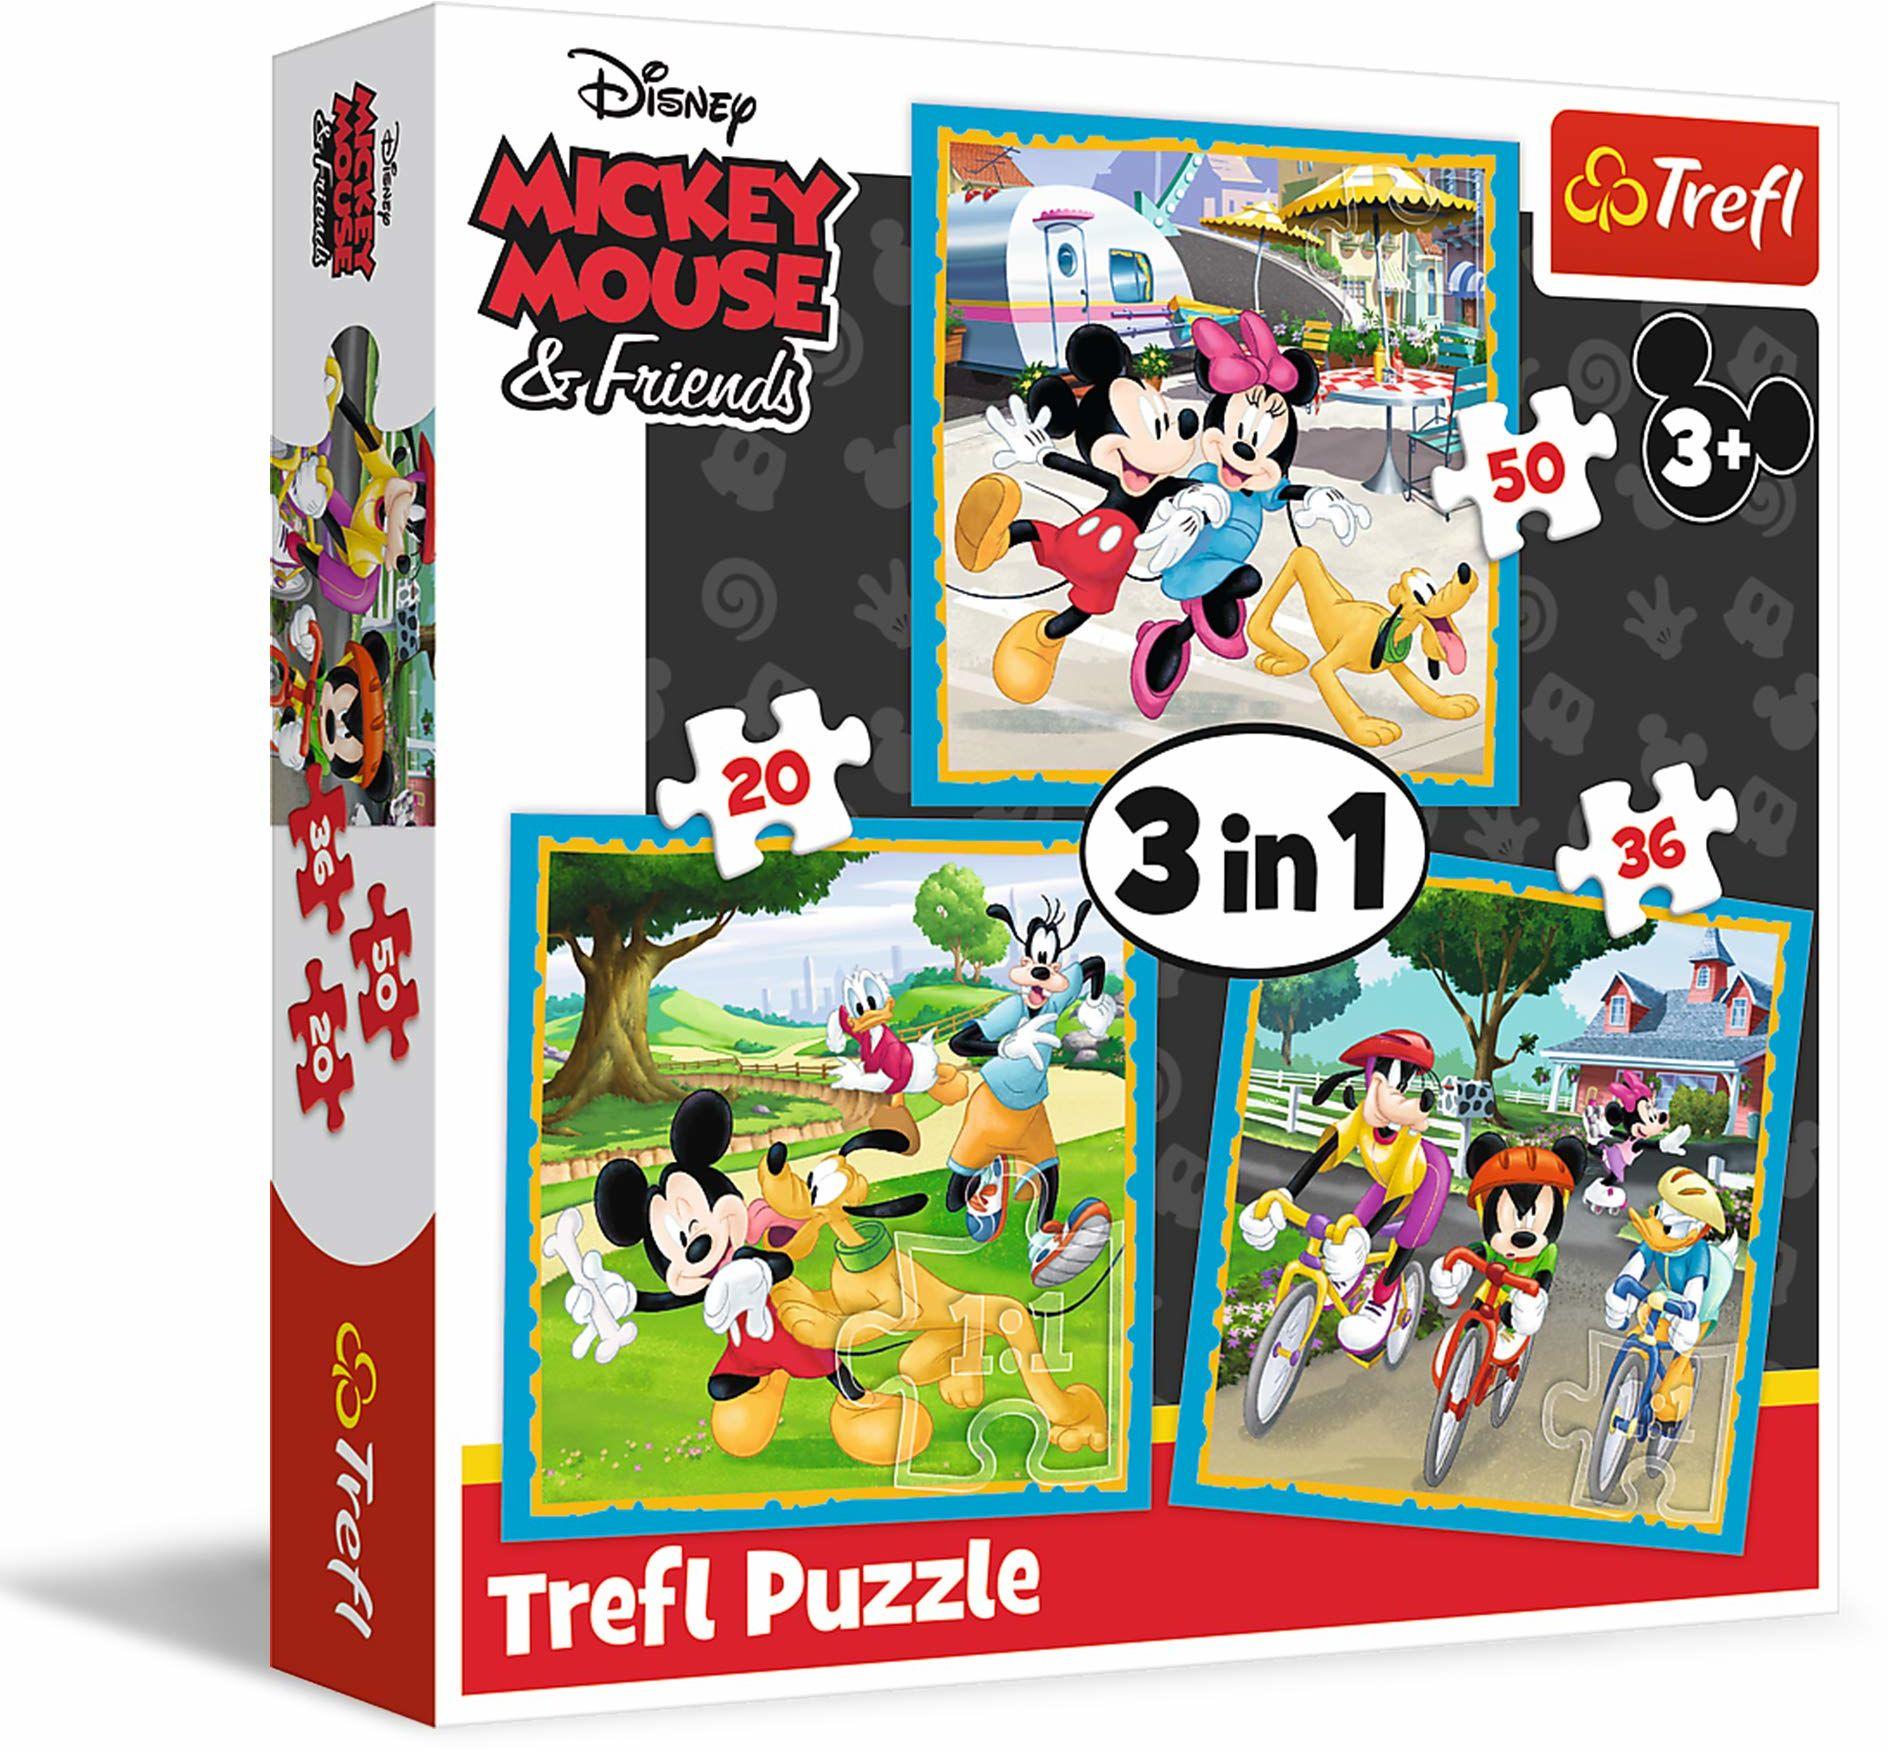 Trefl Myszka Miki z Przyjaciółmi Puzzle 3 w 1 Disney Mickey Mouse & Friends o Wysokiej Jakości Nadruku dla Dzieci od 3 lat